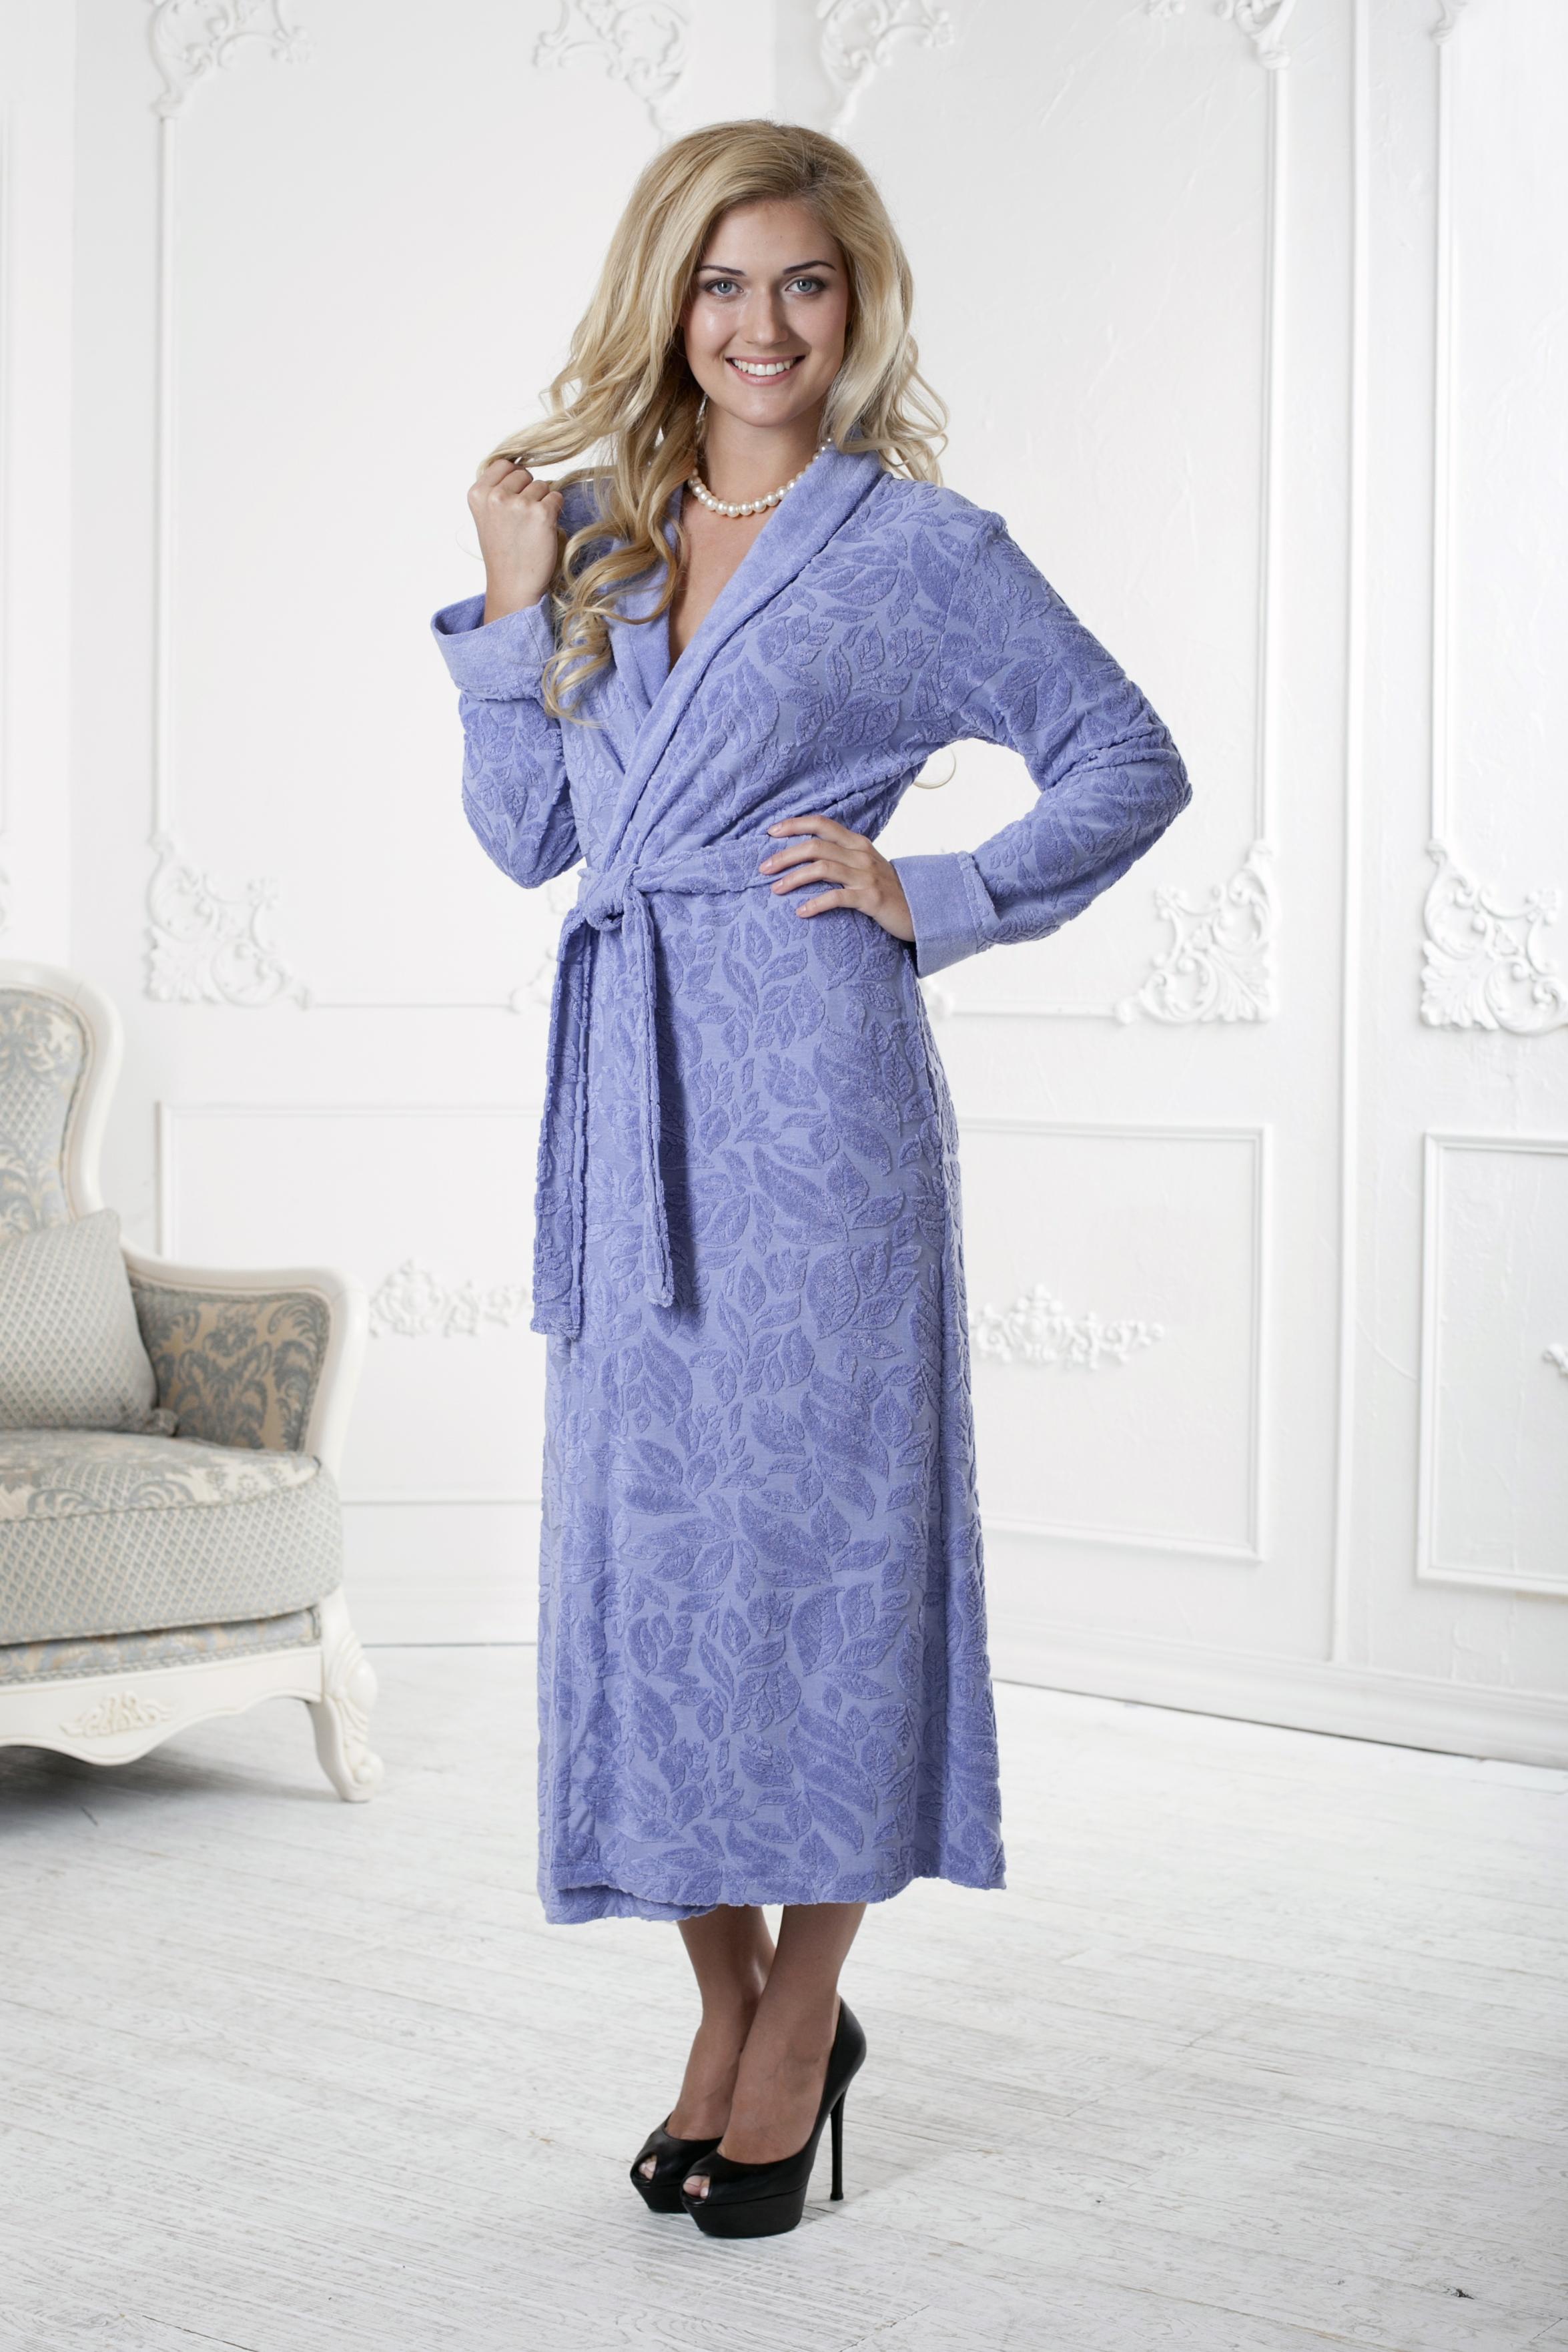 Халат женский Five Wien Home, цвет: фиолетовый. 411. Размер L/XL (48/52)411Очень мягкий и приятный женский халат из трикотажного бамбука. Очень элегантная и женственная модель. Объемная текстура по всему халату.